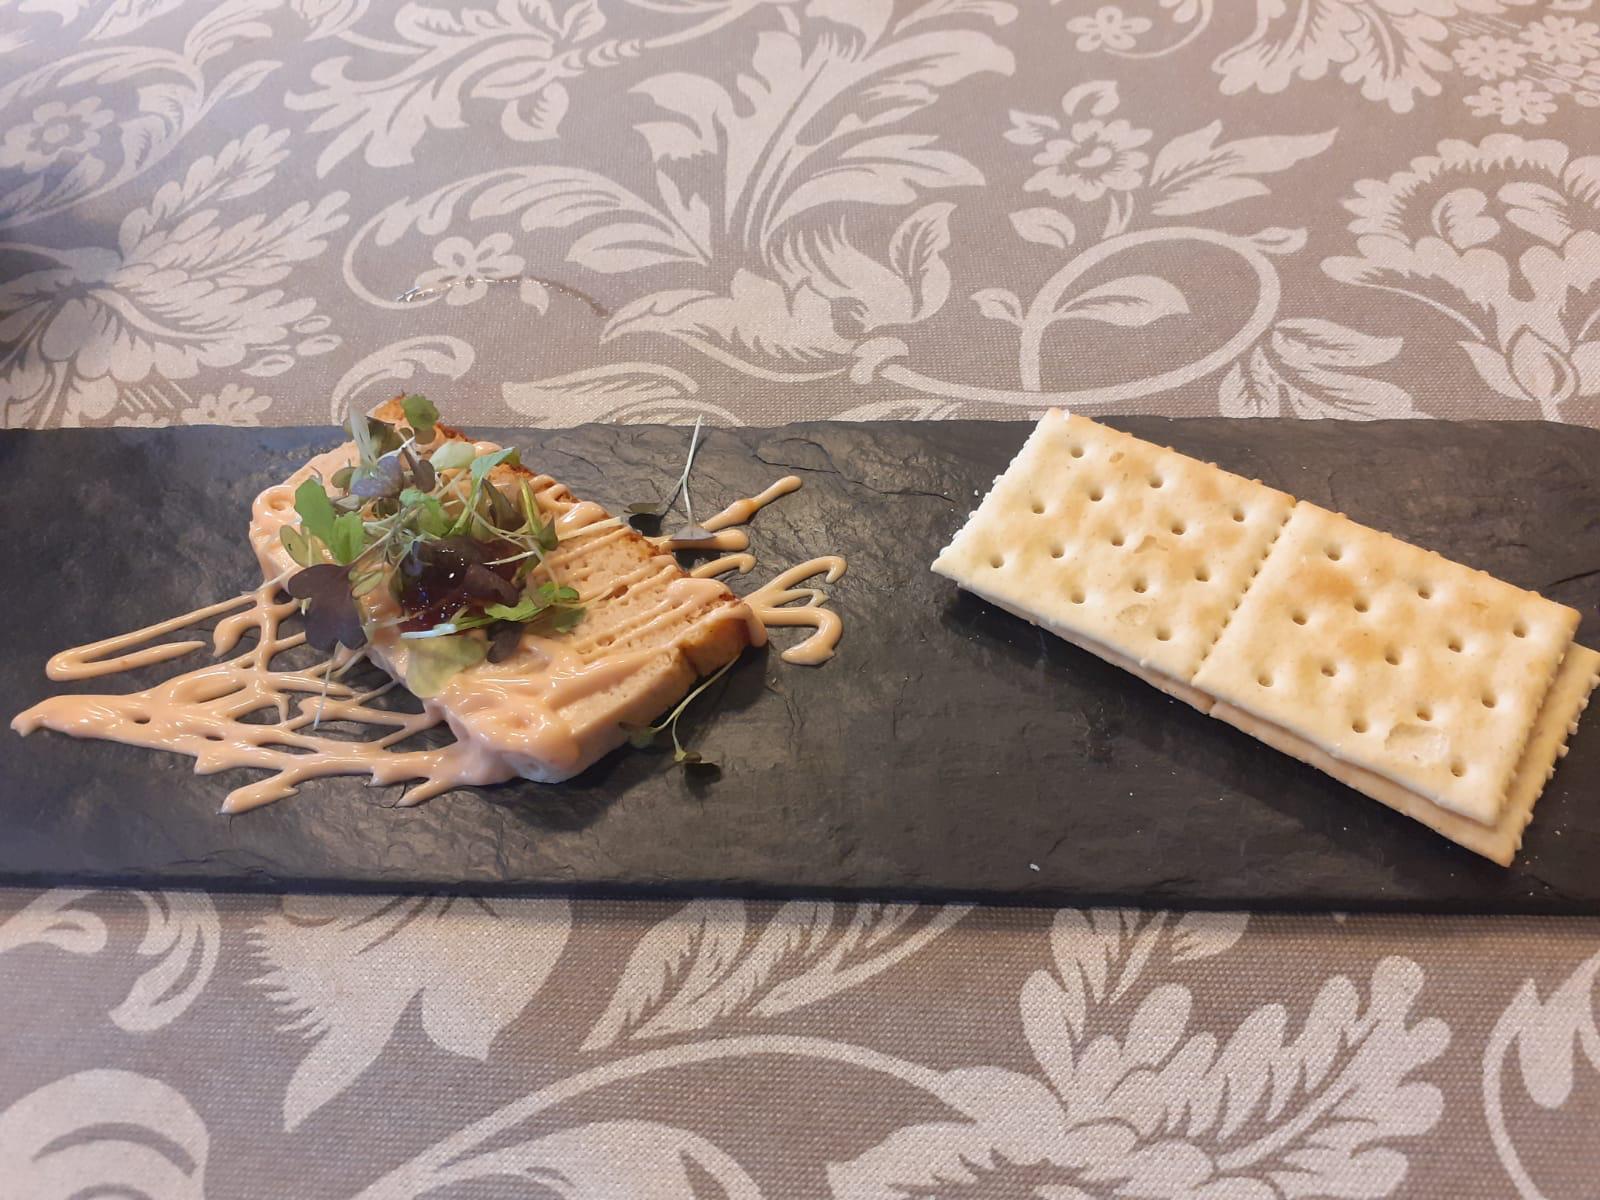 Reseñas Gastronómicas: Restaurante Anibal en Igüeña 7